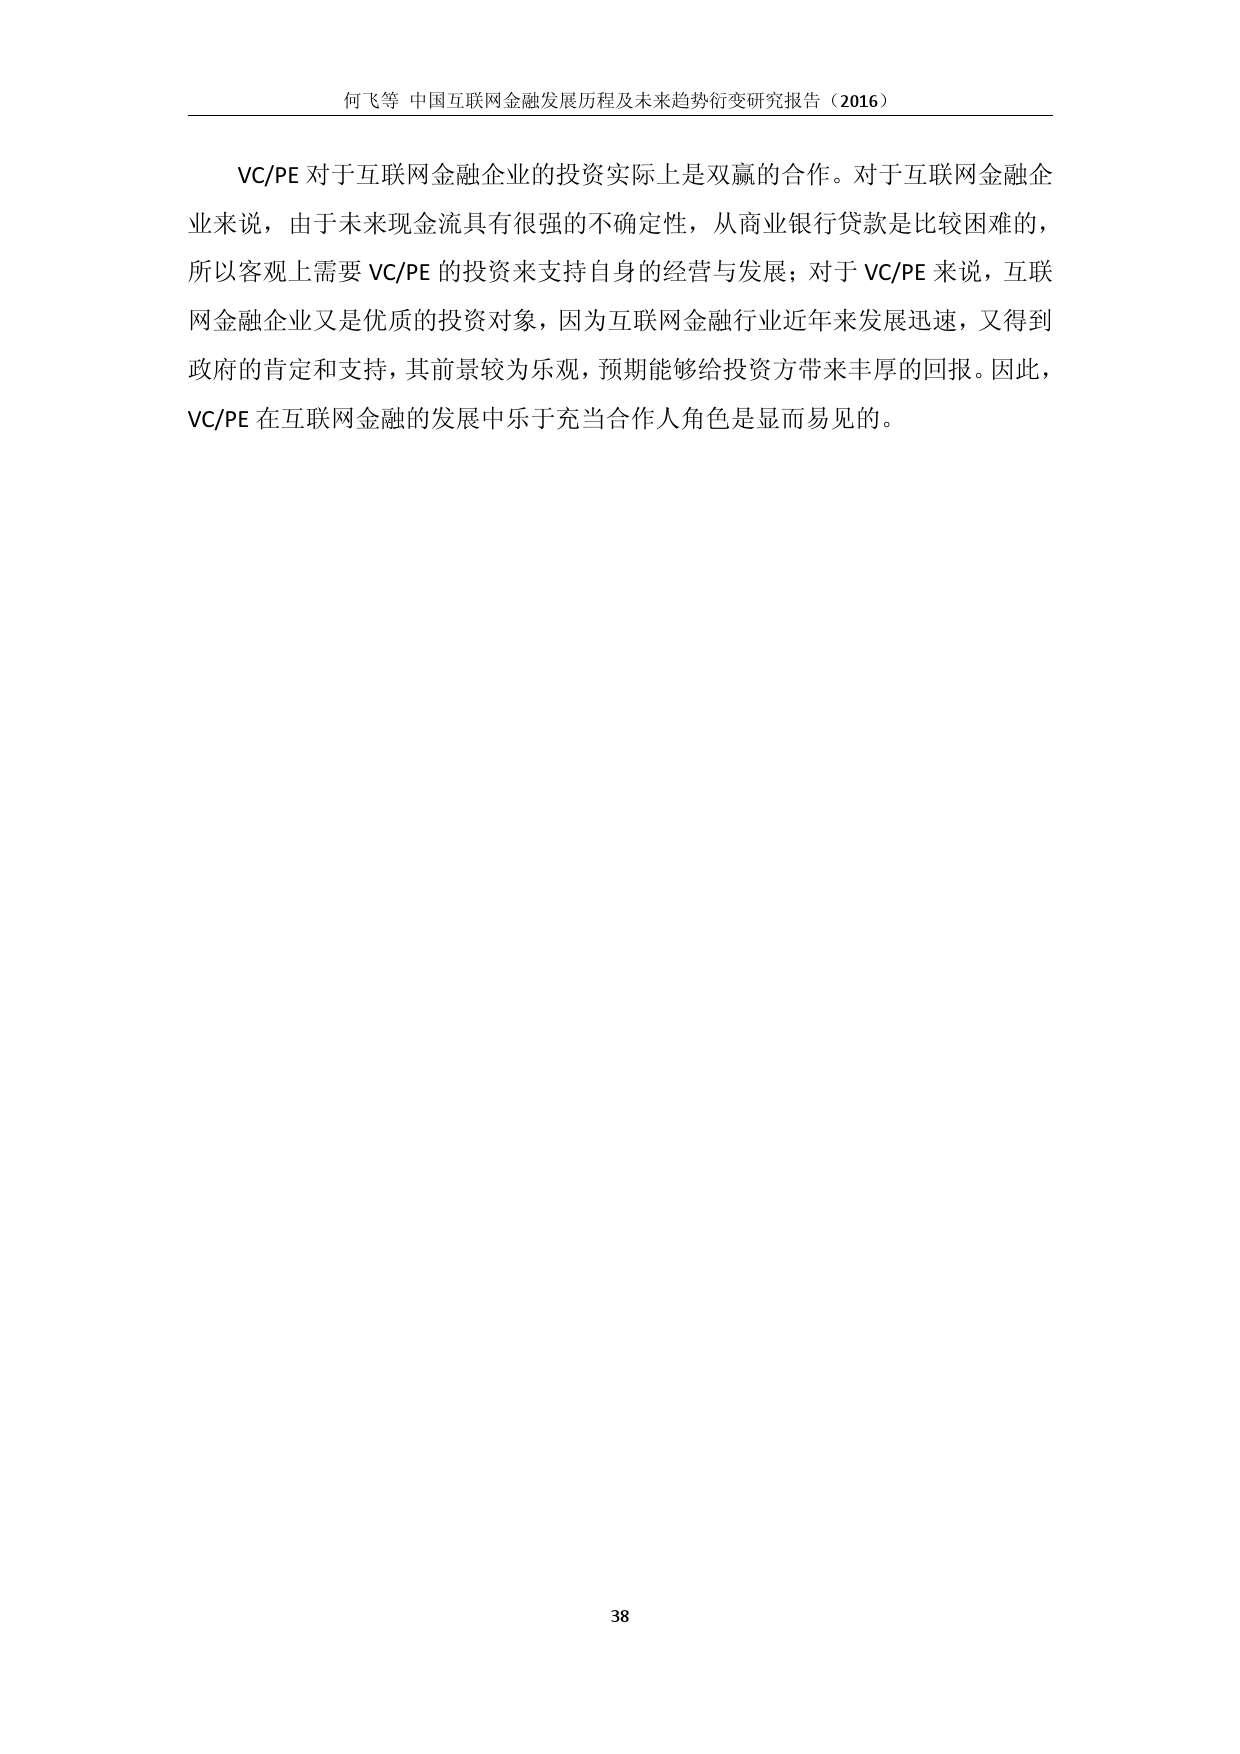 中国互联网金融发展历程及未来趋势衍变研究报告(2016)_000043